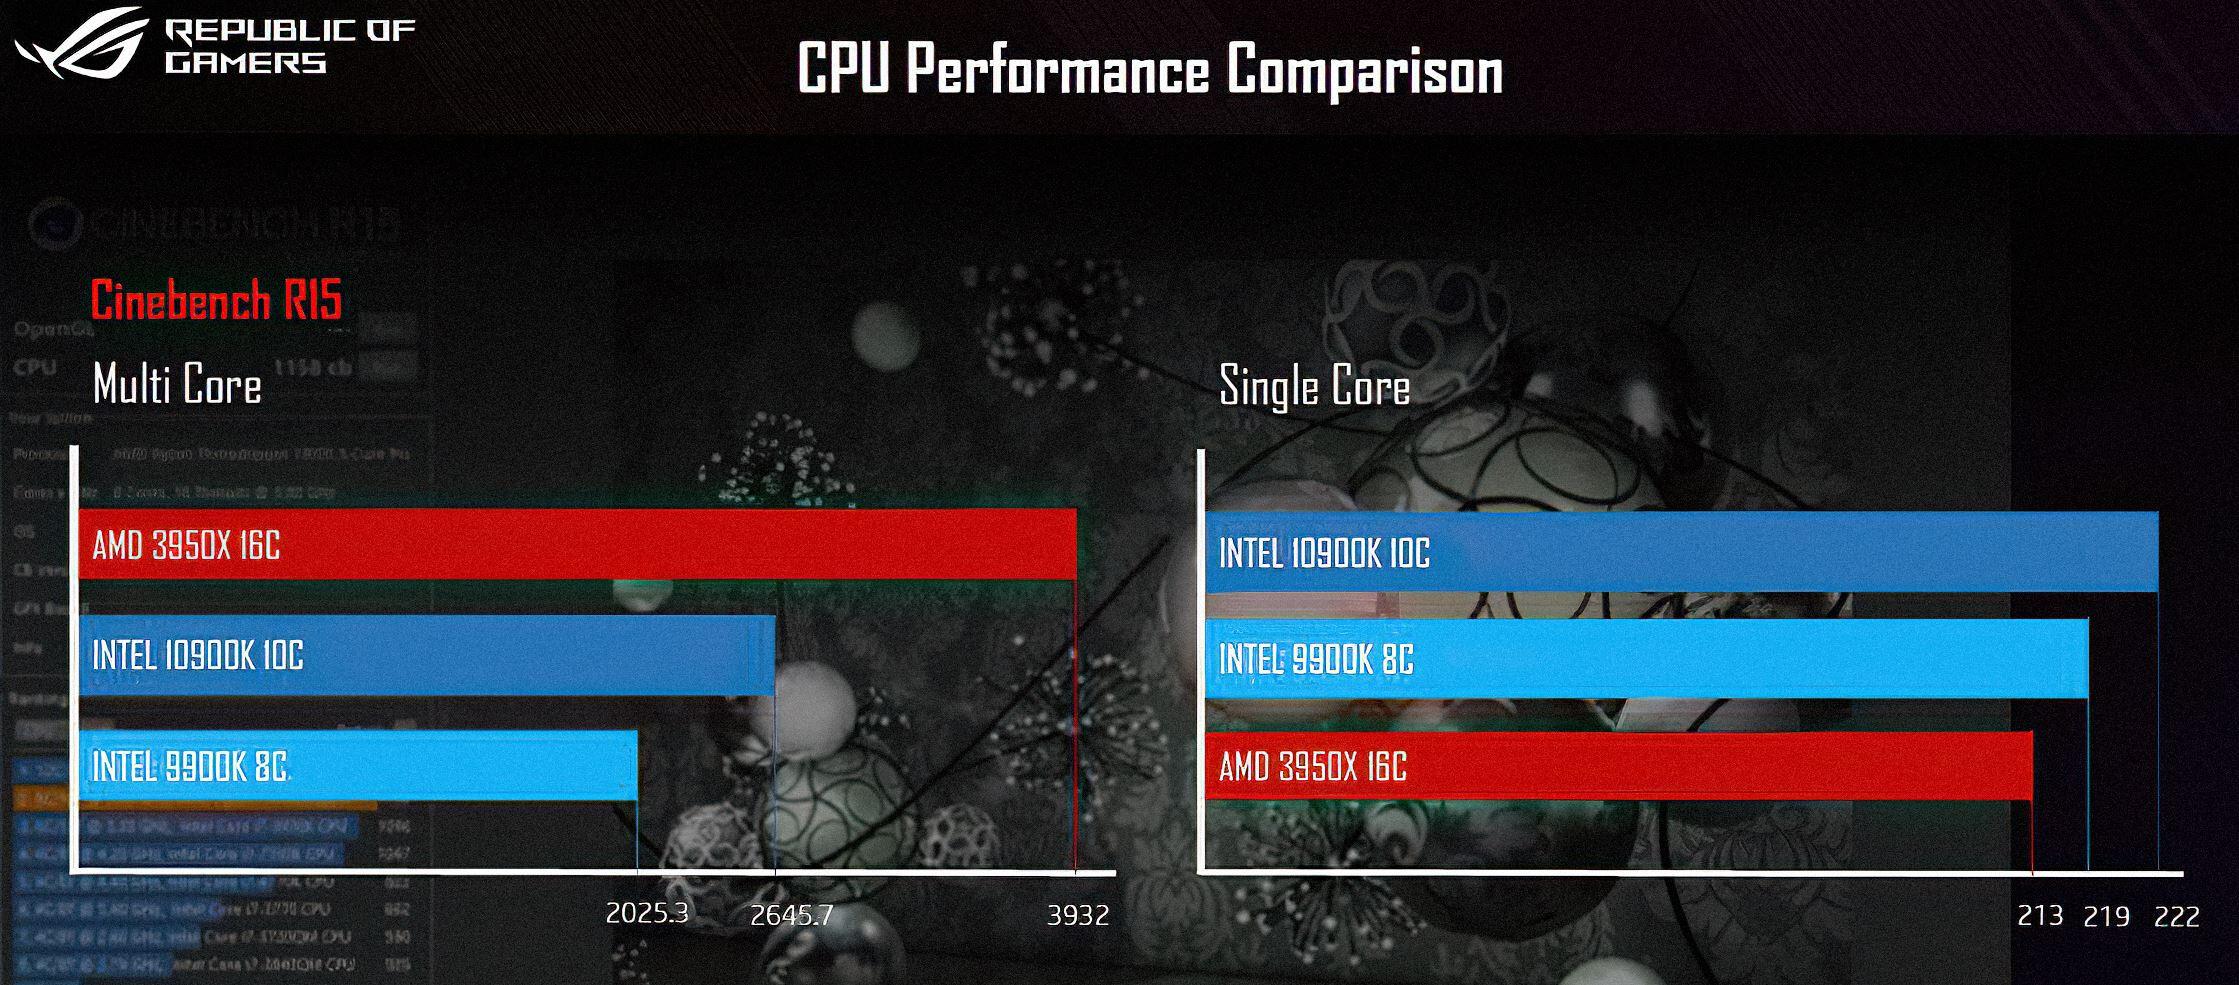 نتایج مقایسه کارایی بین دو پردازنده i9-10900K و Ryzen 9 3950X فاش شد